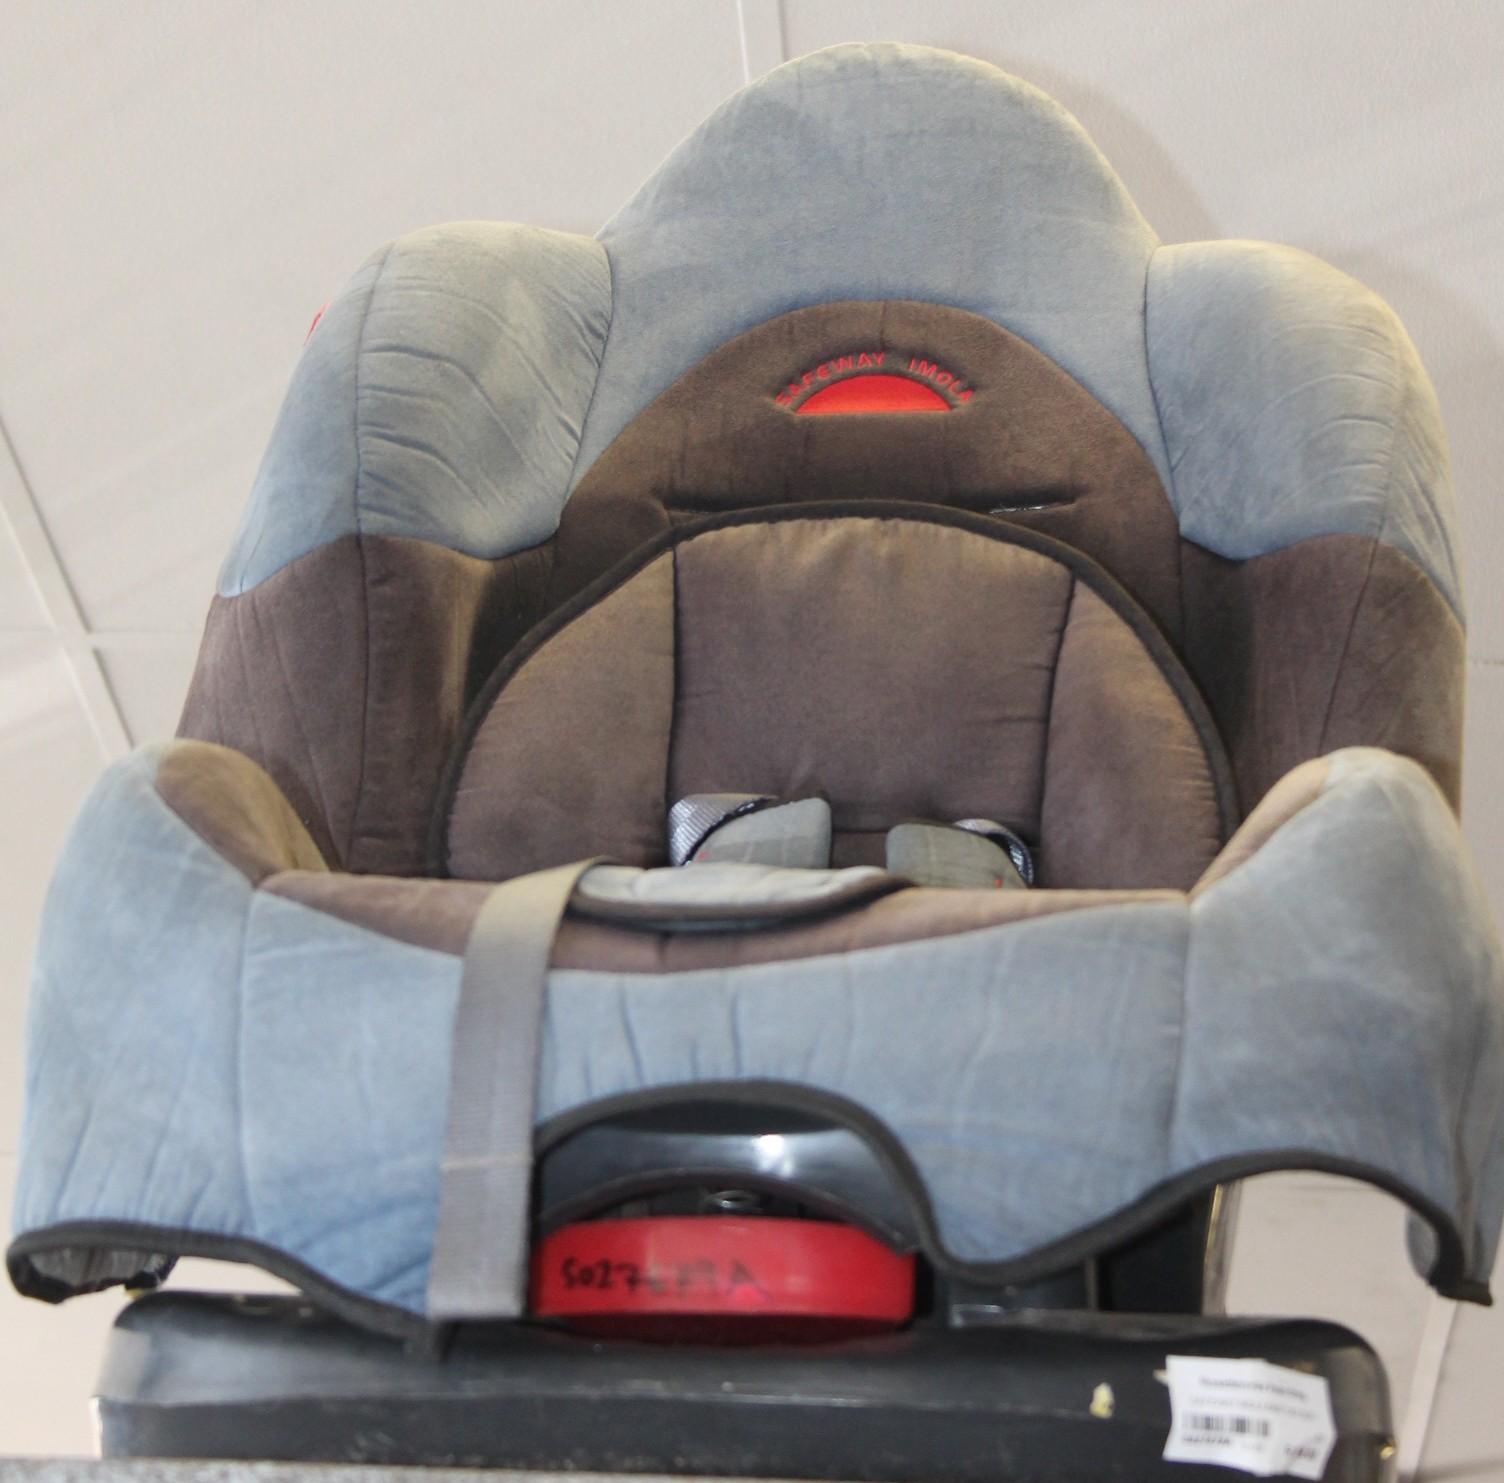 Safeway baby car seat S027679a #Rosettenvillepawnshop